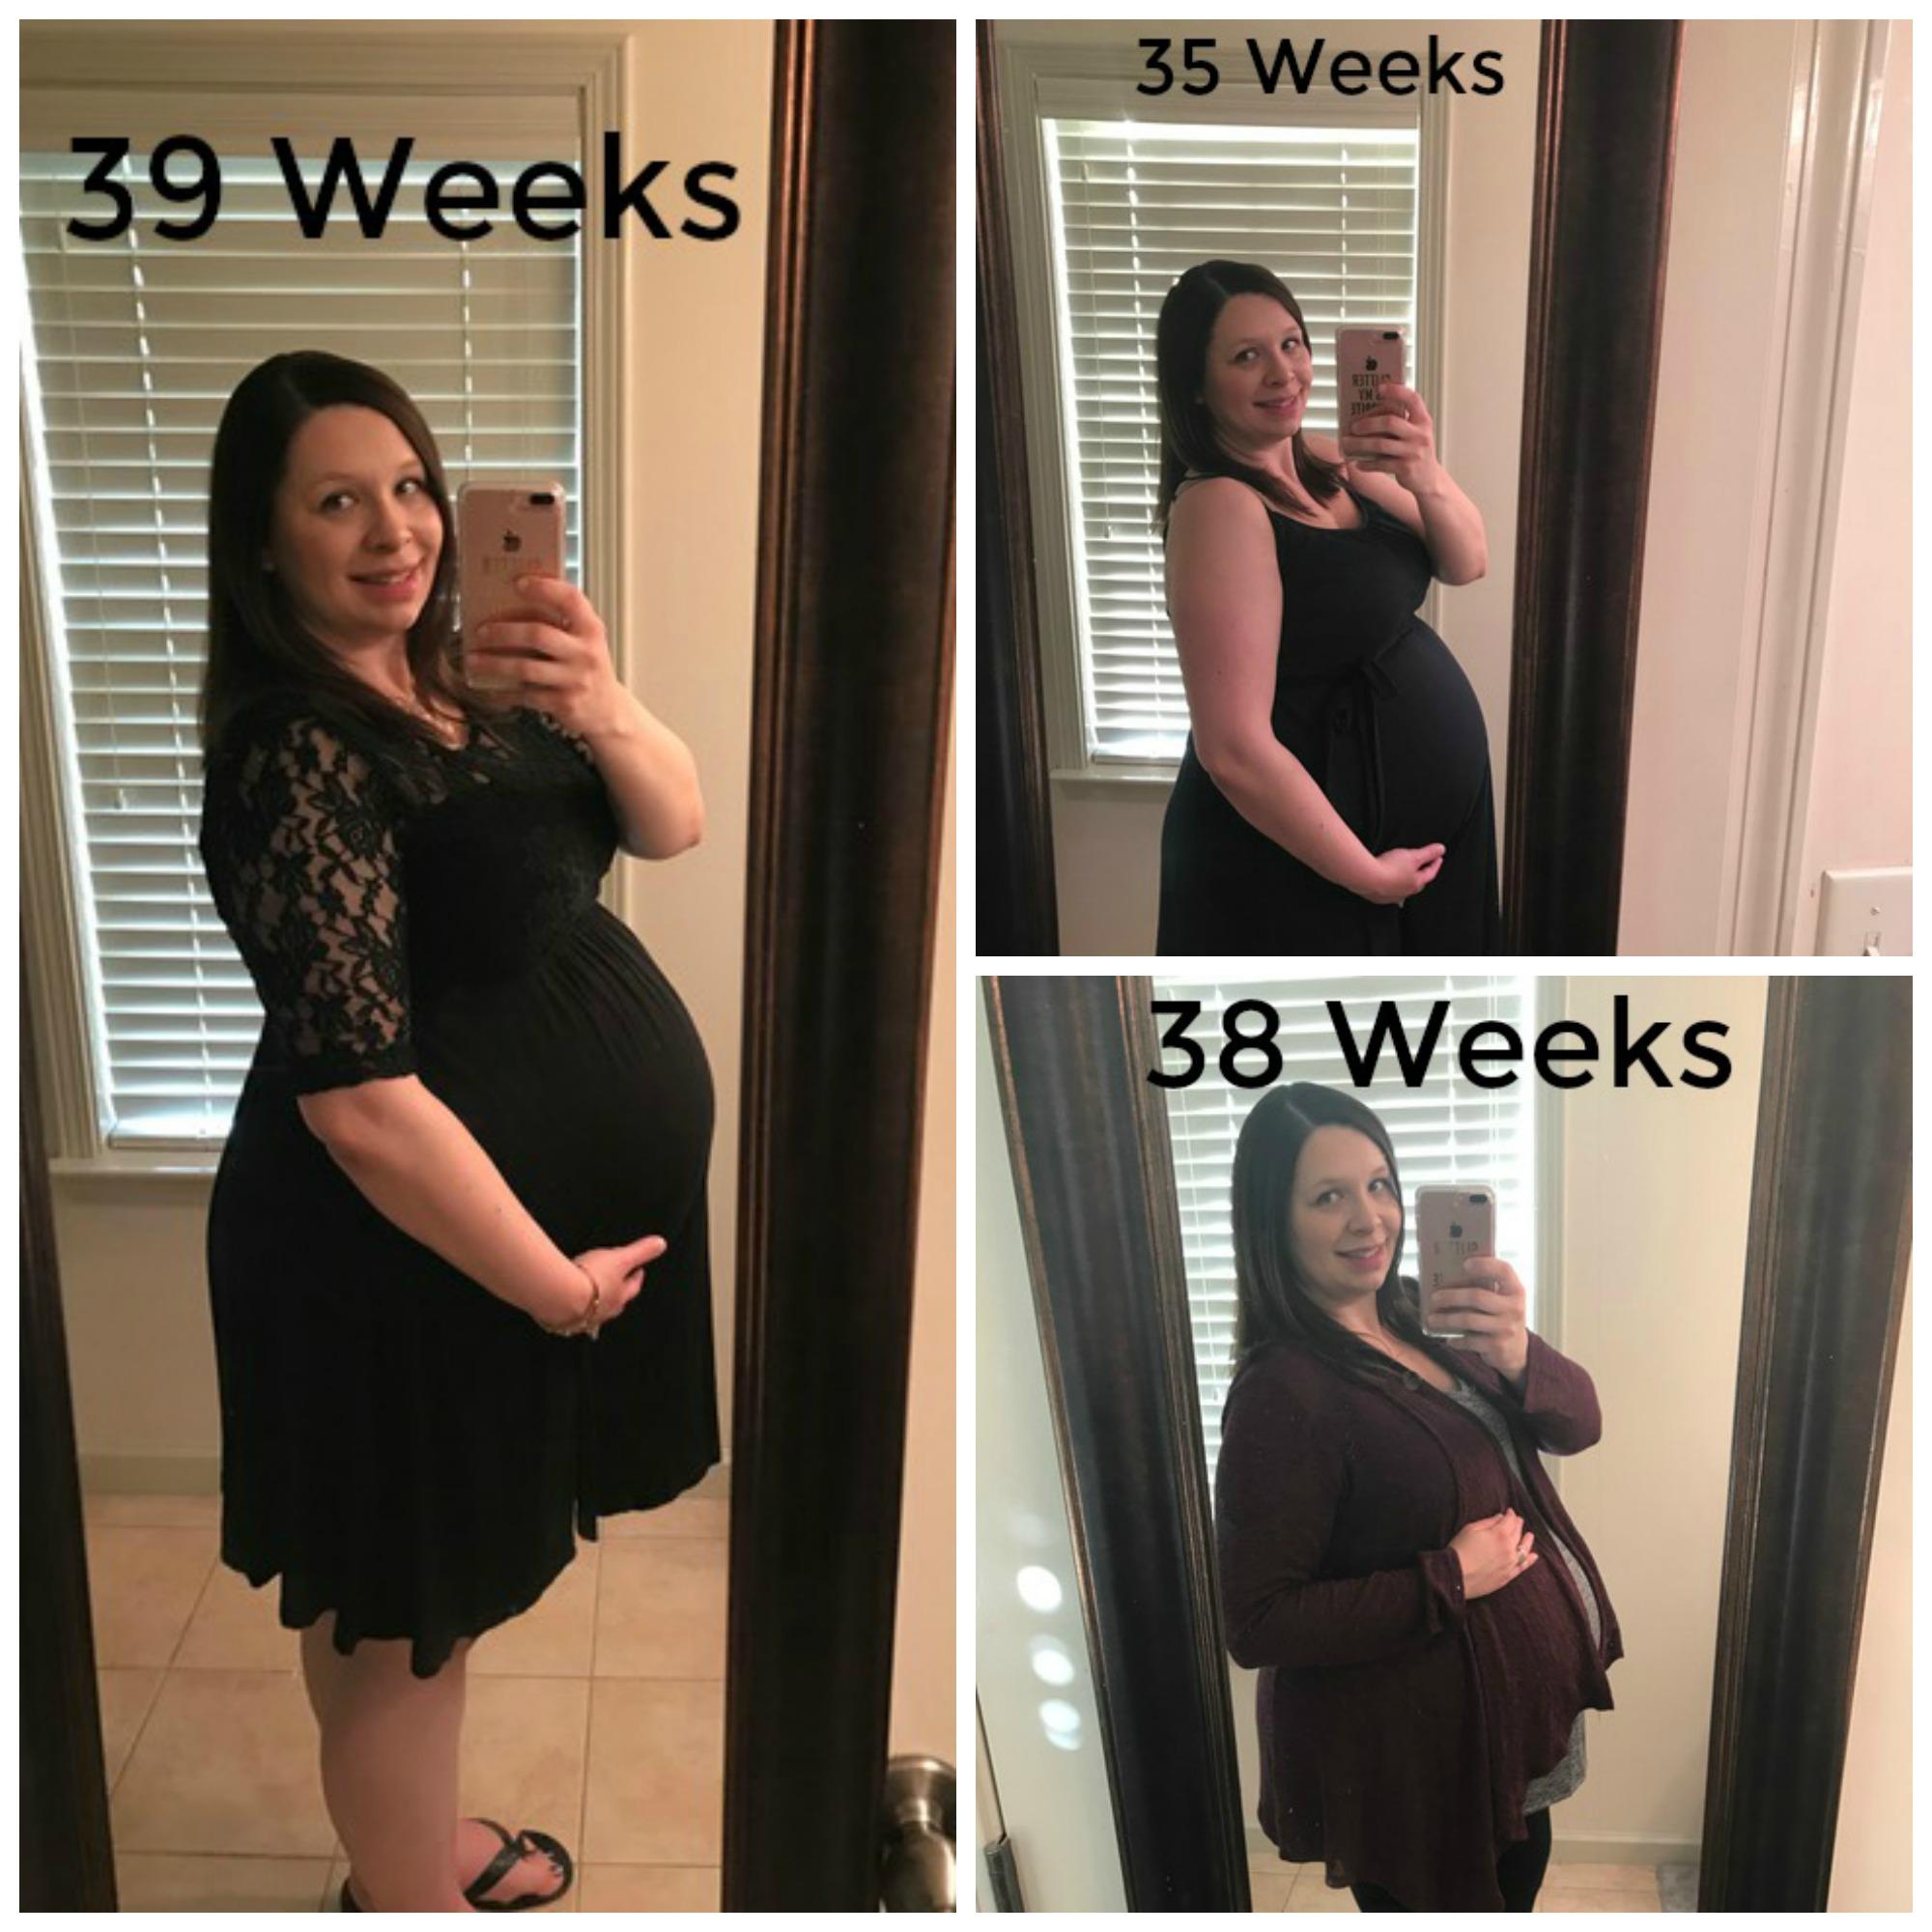 35-39-weeks